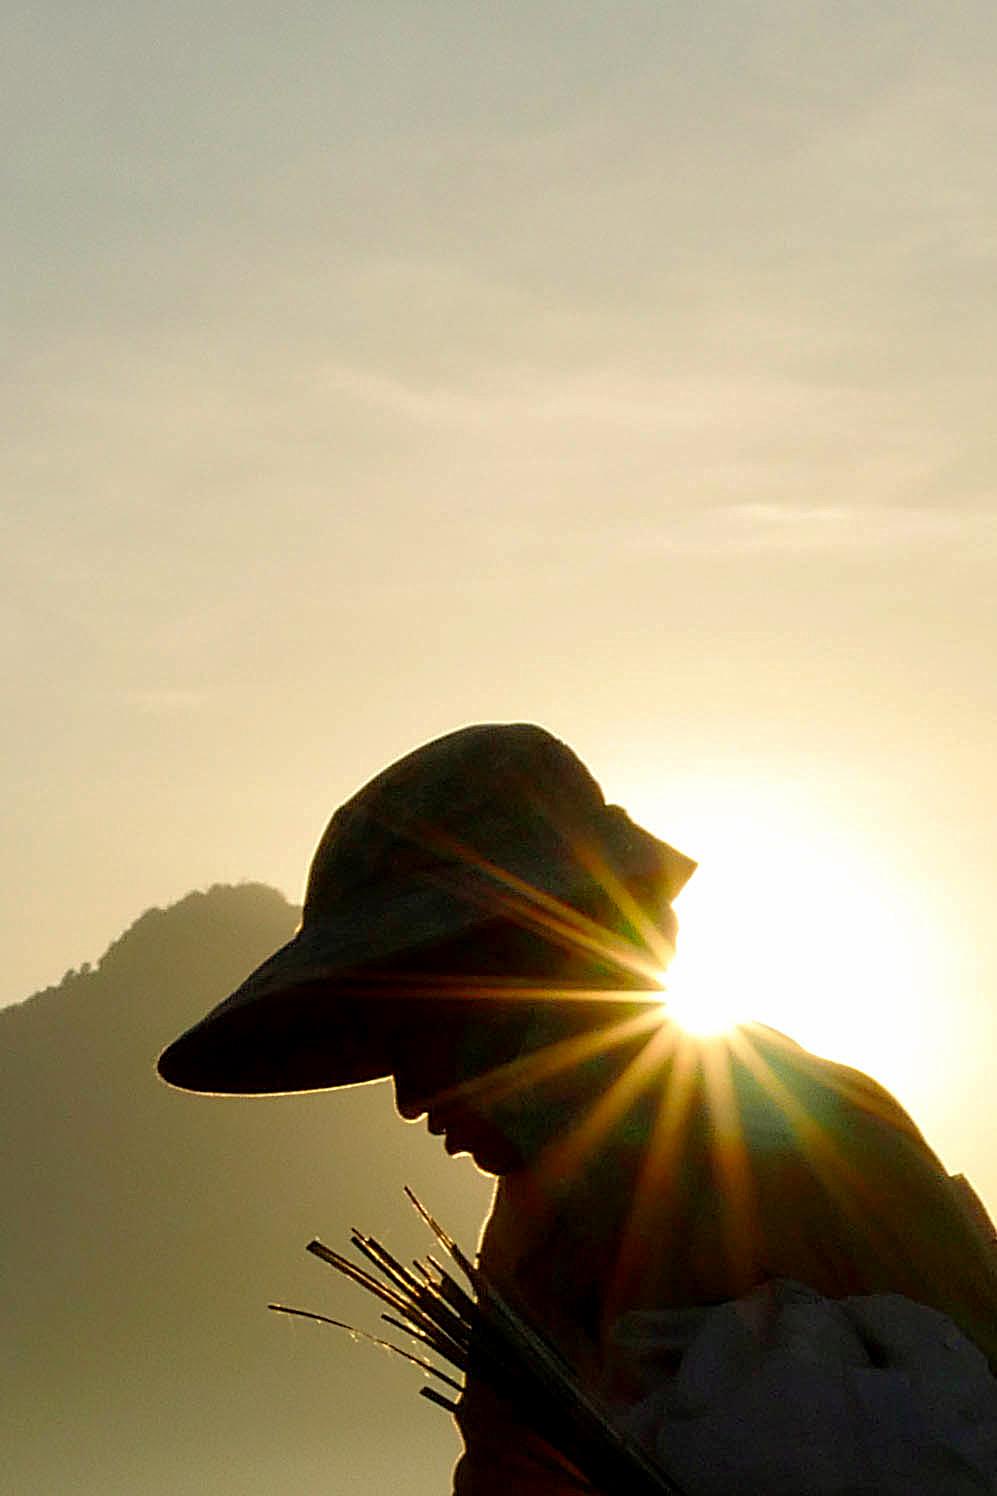 Laos-Photo-by-Seng-Yang-P9350599.jpg